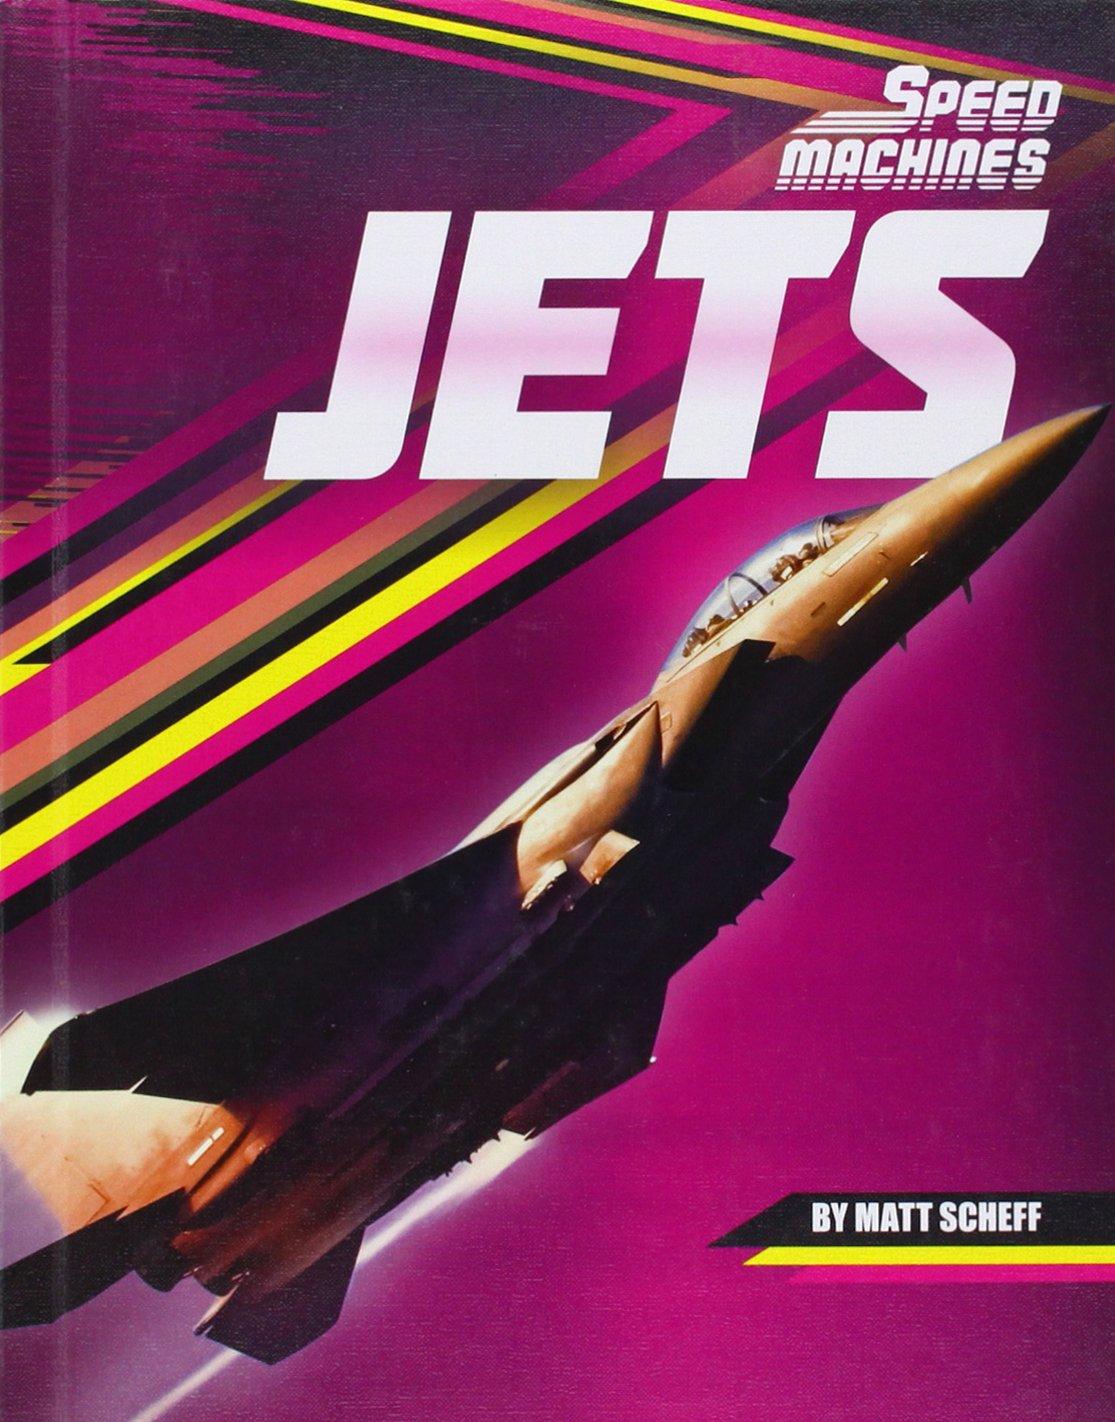 Jets (Speed Machines)